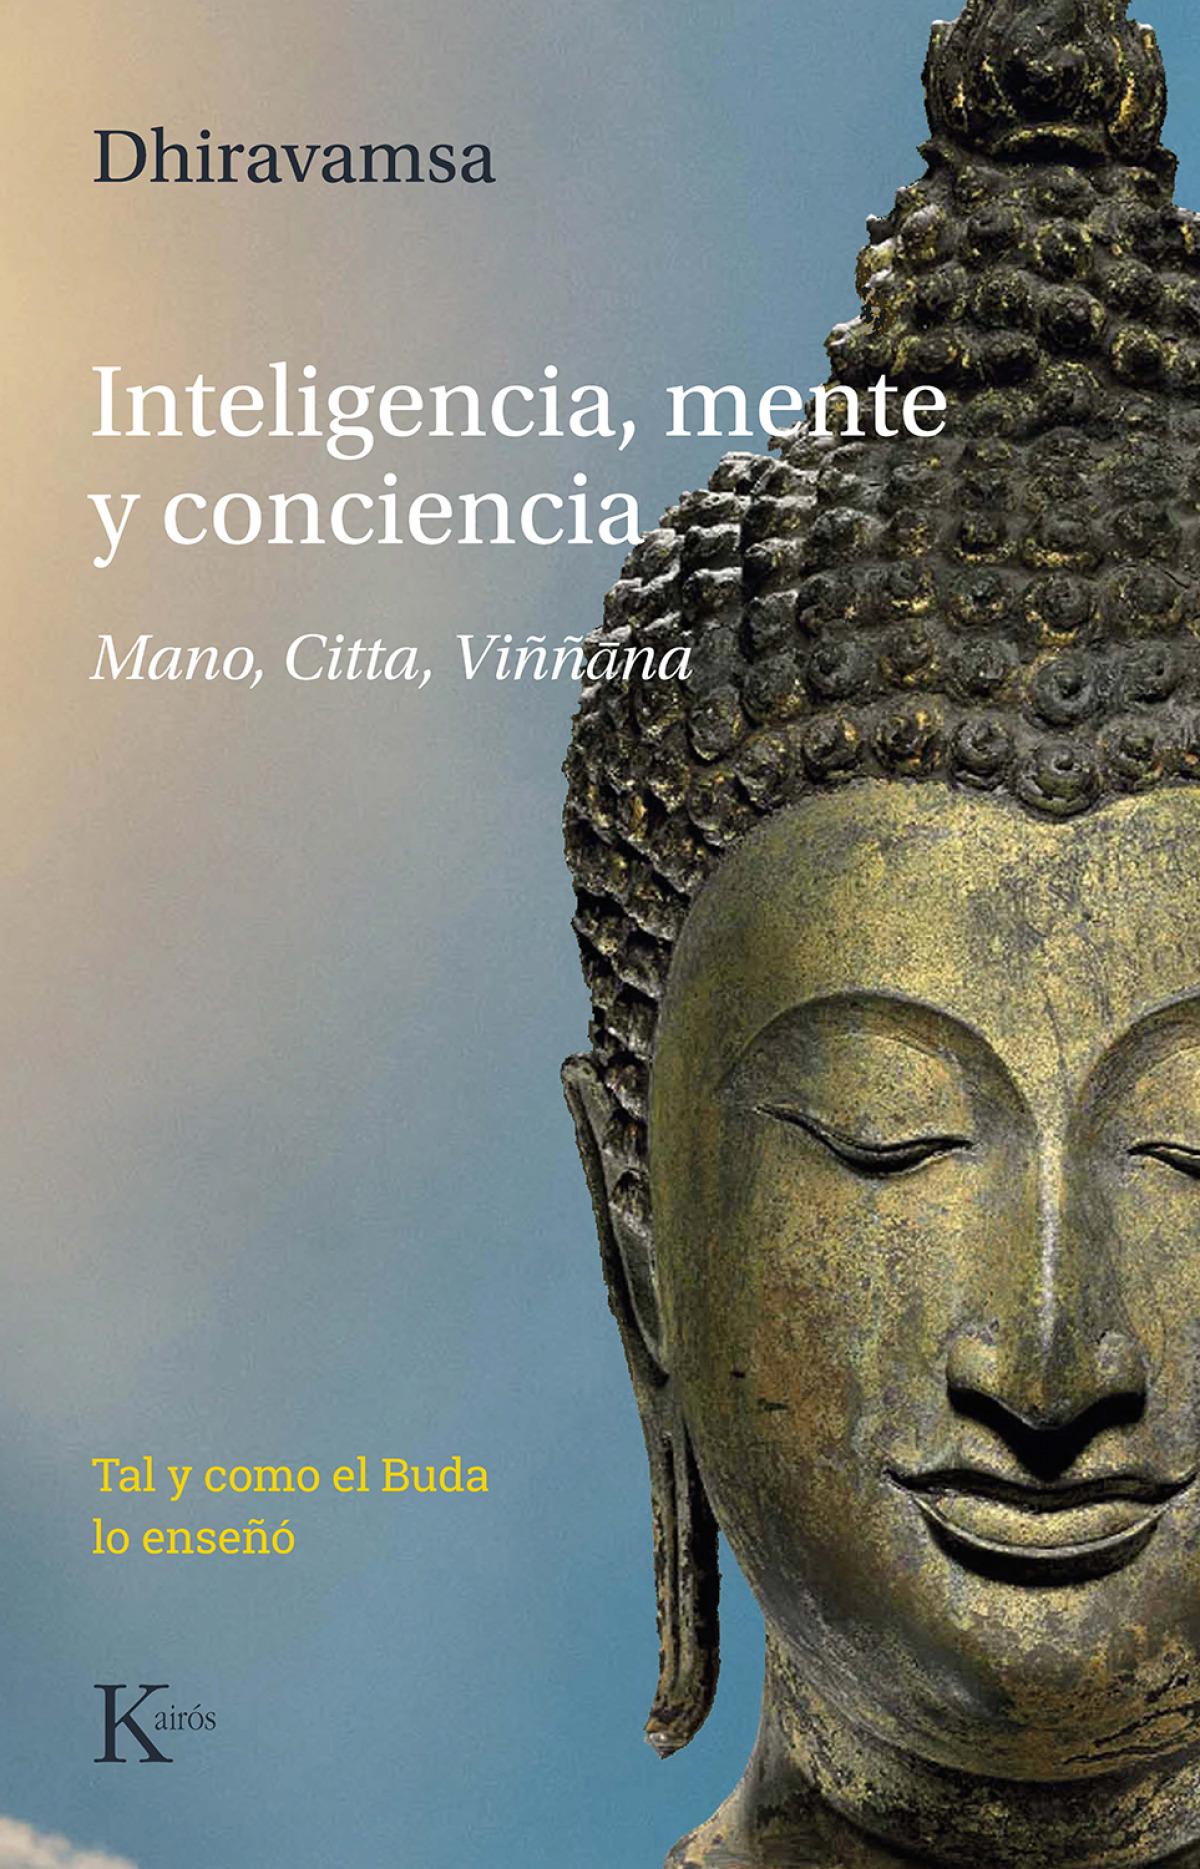 INTELIGENCIA, MENTE Y CONCIENCIA 9788499888460